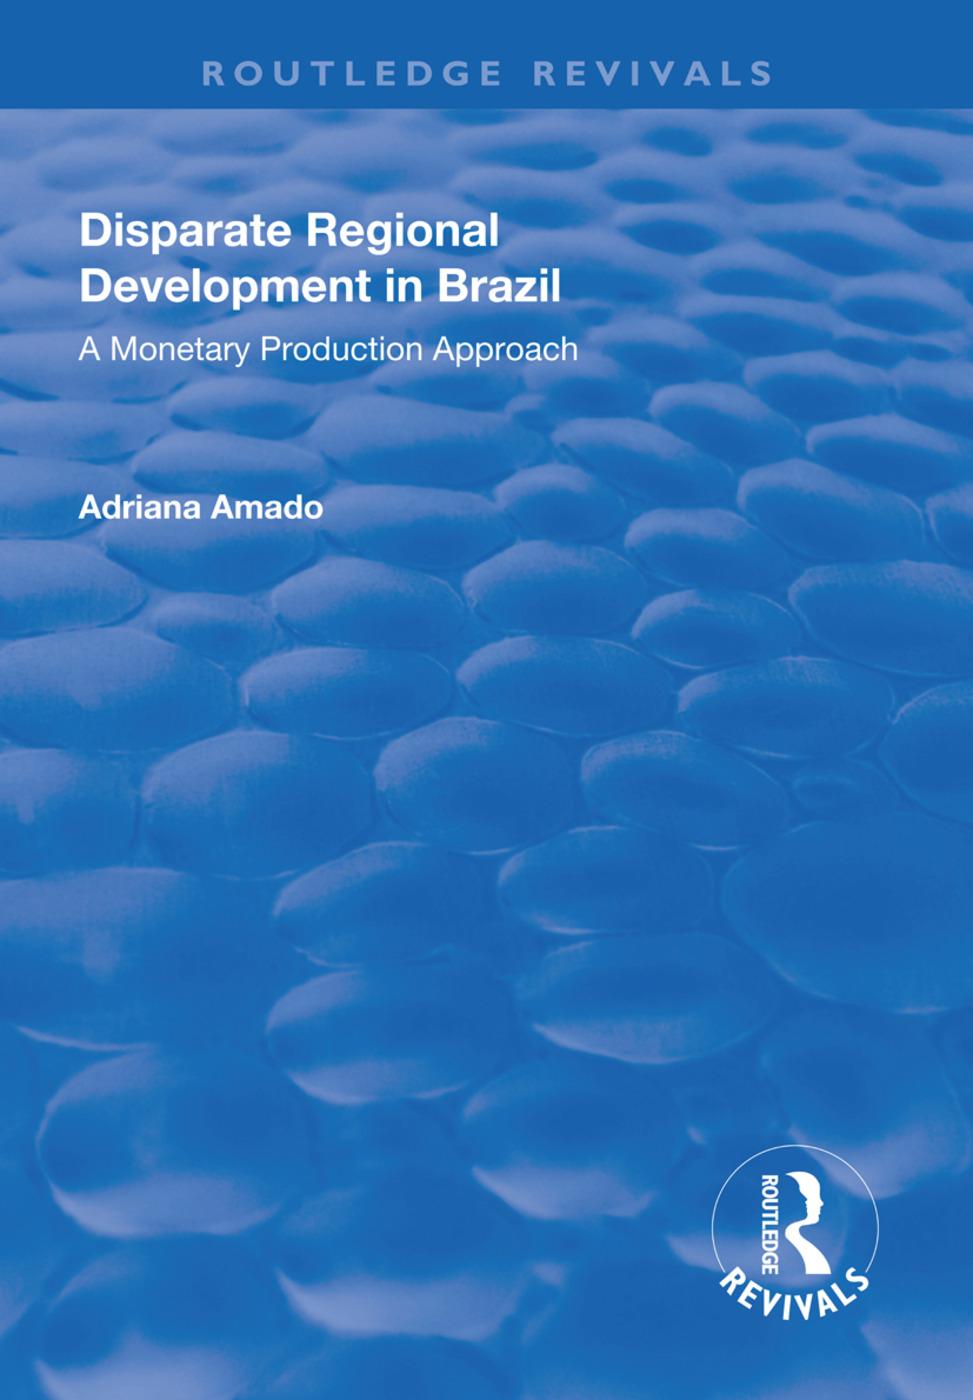 Disparate Regional Development in Brazil